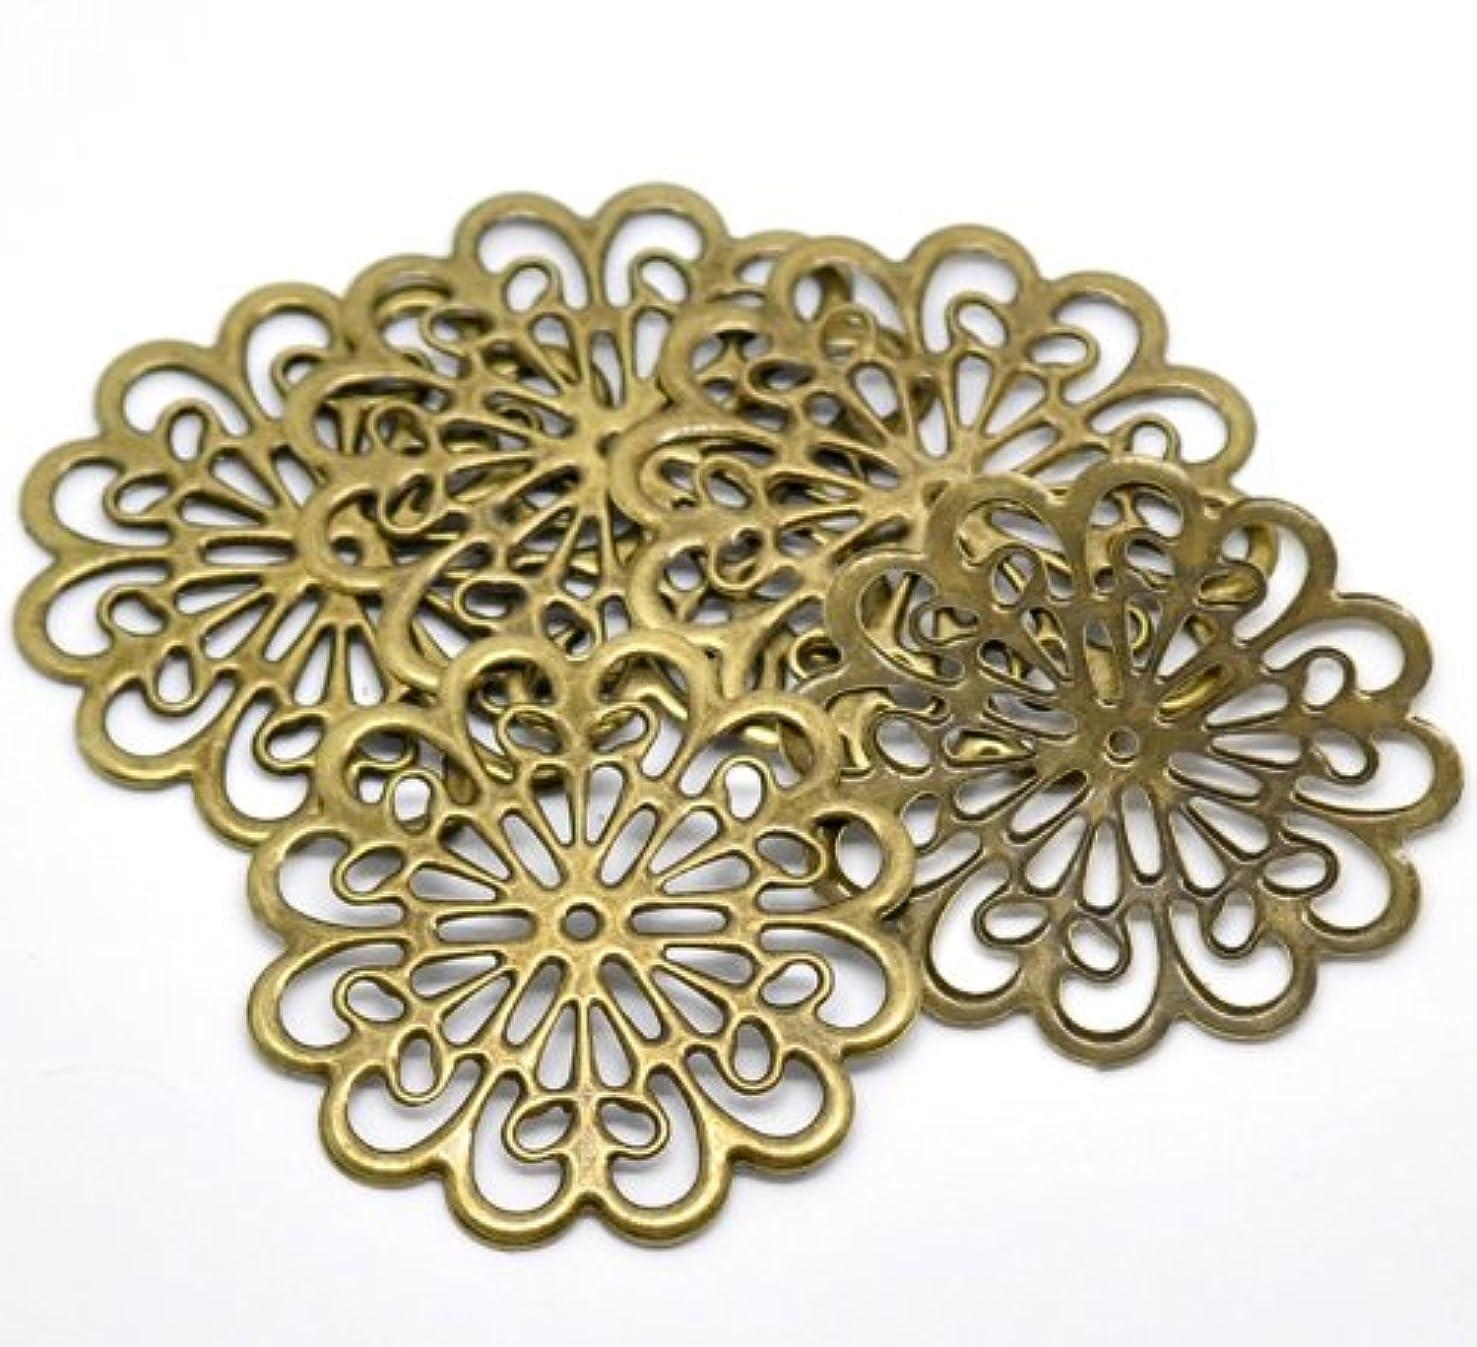 20PC Antique Bronze Filigree Flower Wraps Connectors Embellishments Findings ...